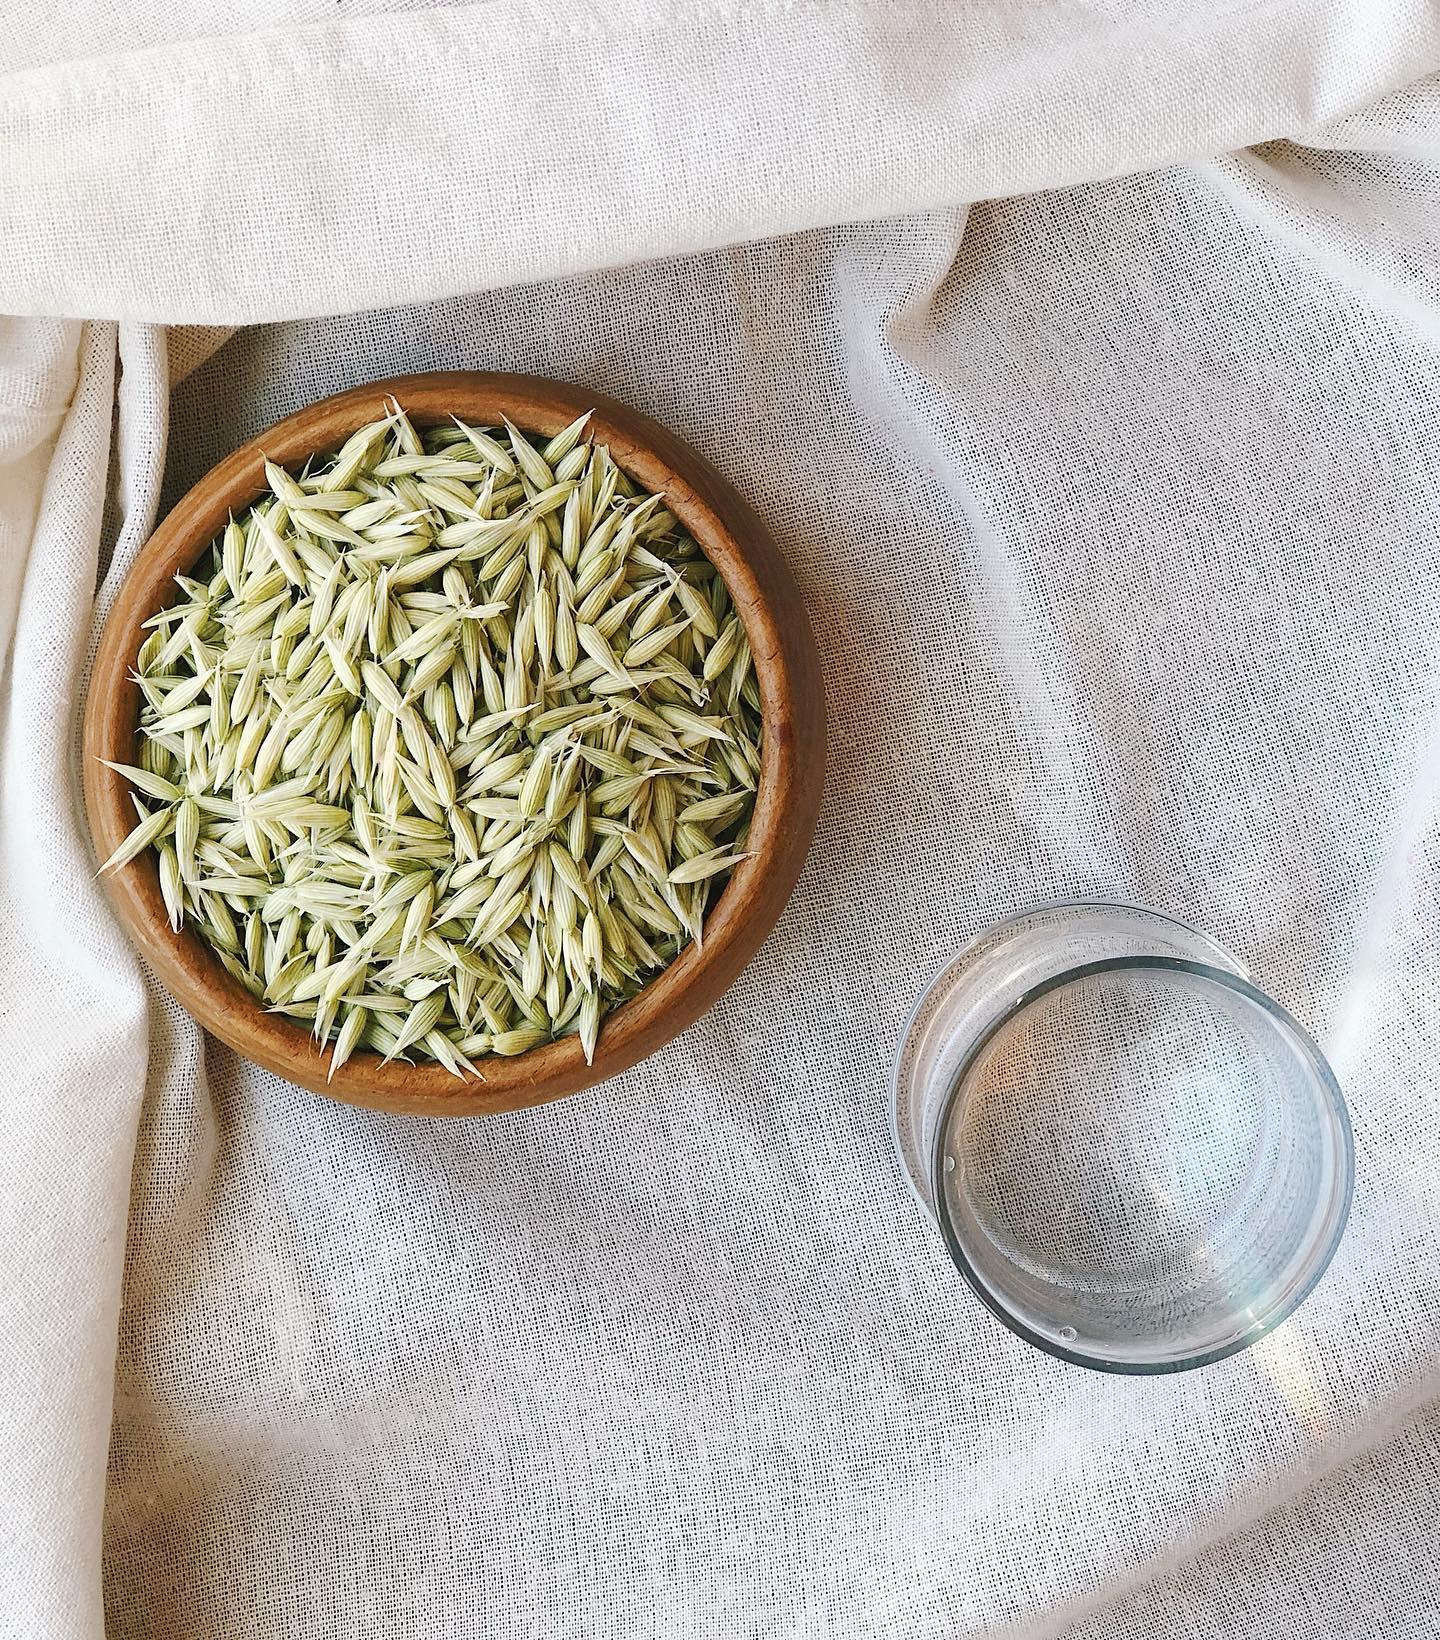 Tea Meditation, Saged Fibers